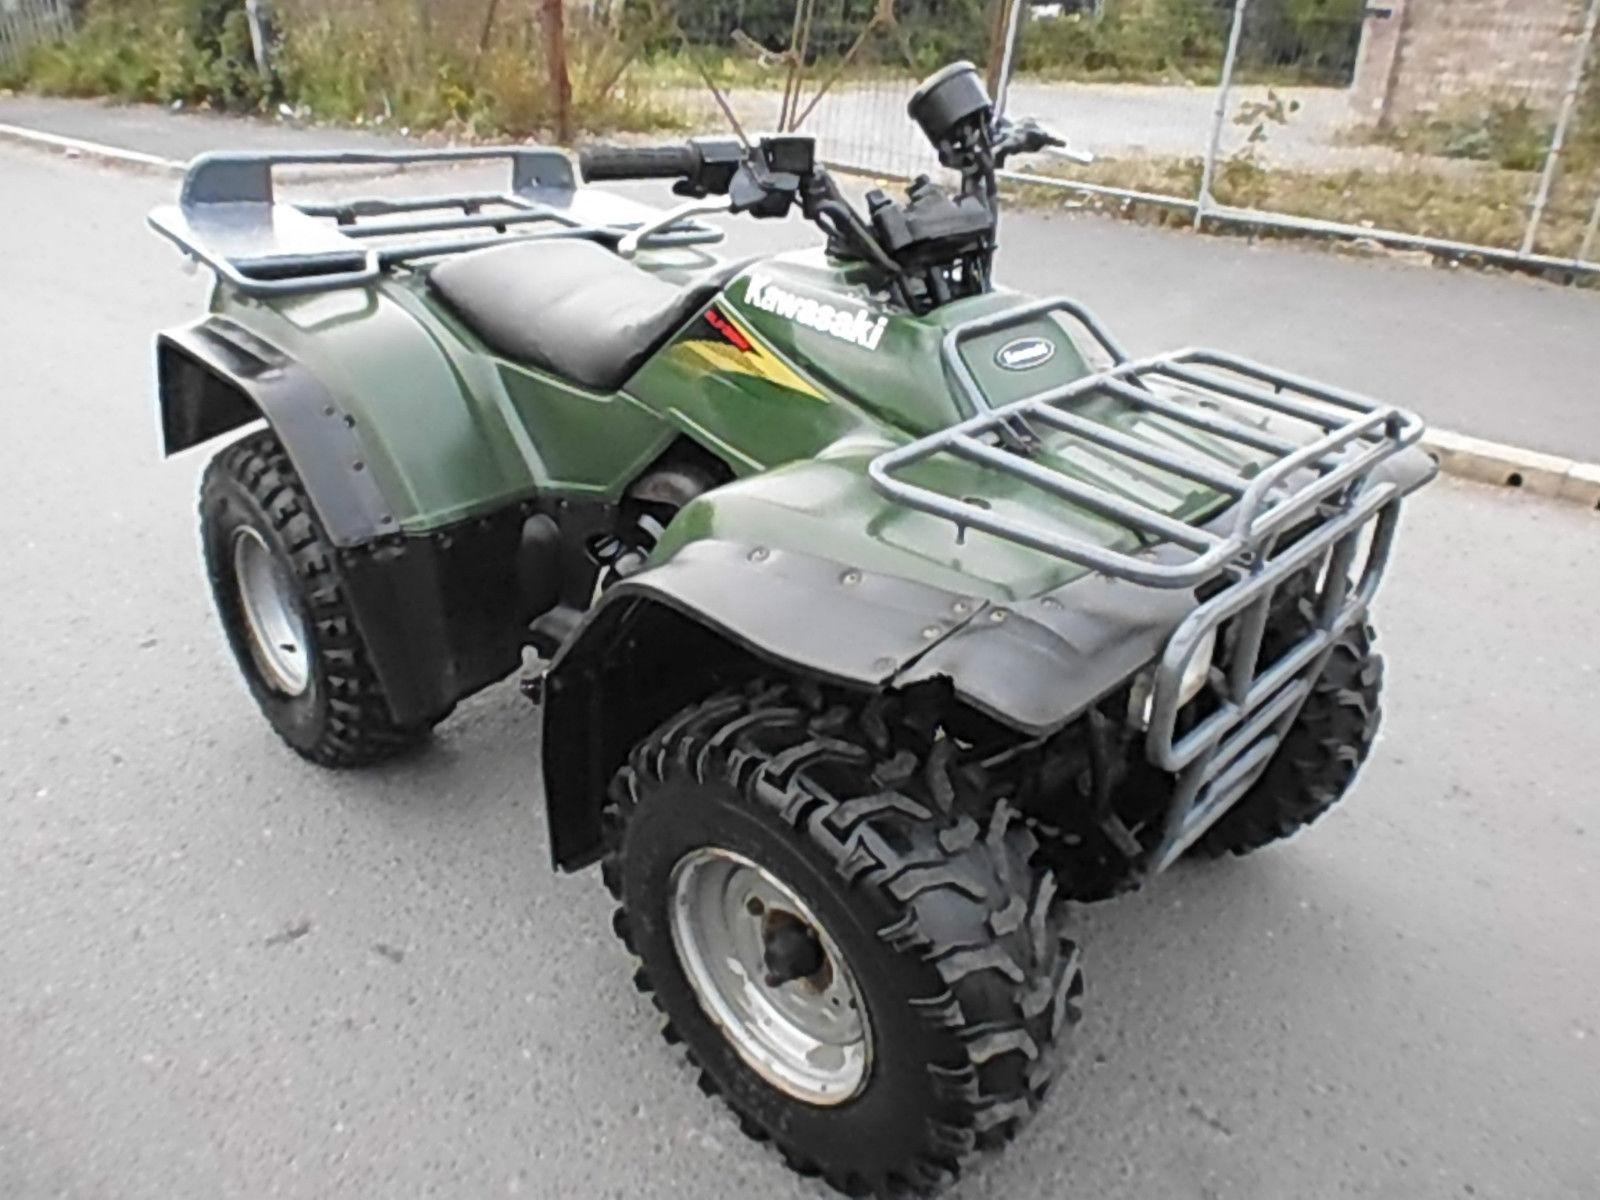 KAWASAKI KLF 300 4X4 FARM QUAD BIKE ATV SMALLHOLDING EQUESTRIAN